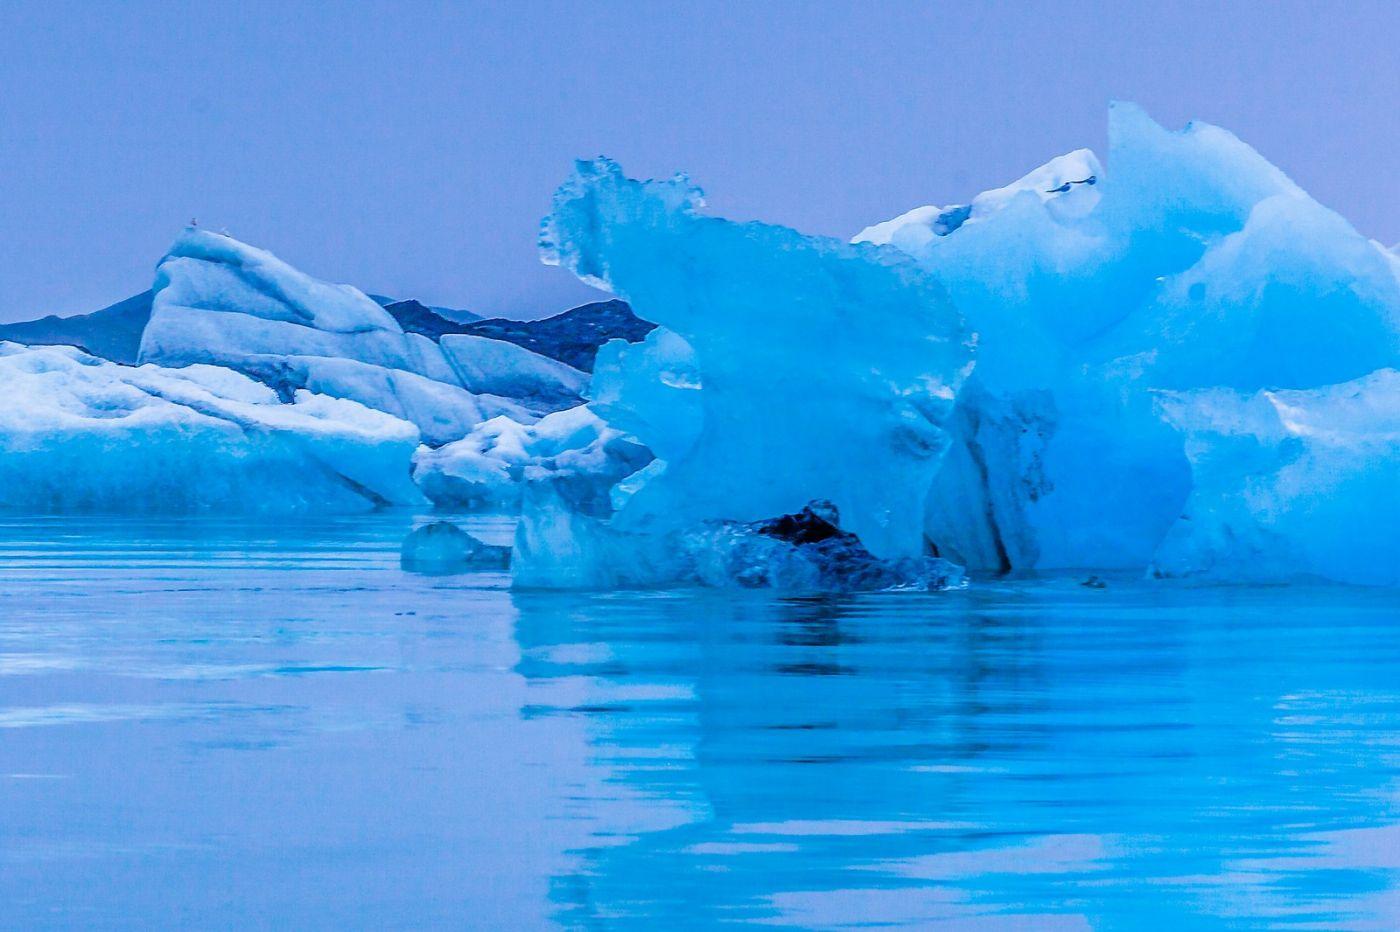 冰岛冰川泻湖(Glacier Lagoon),自然雕塑_图1-13